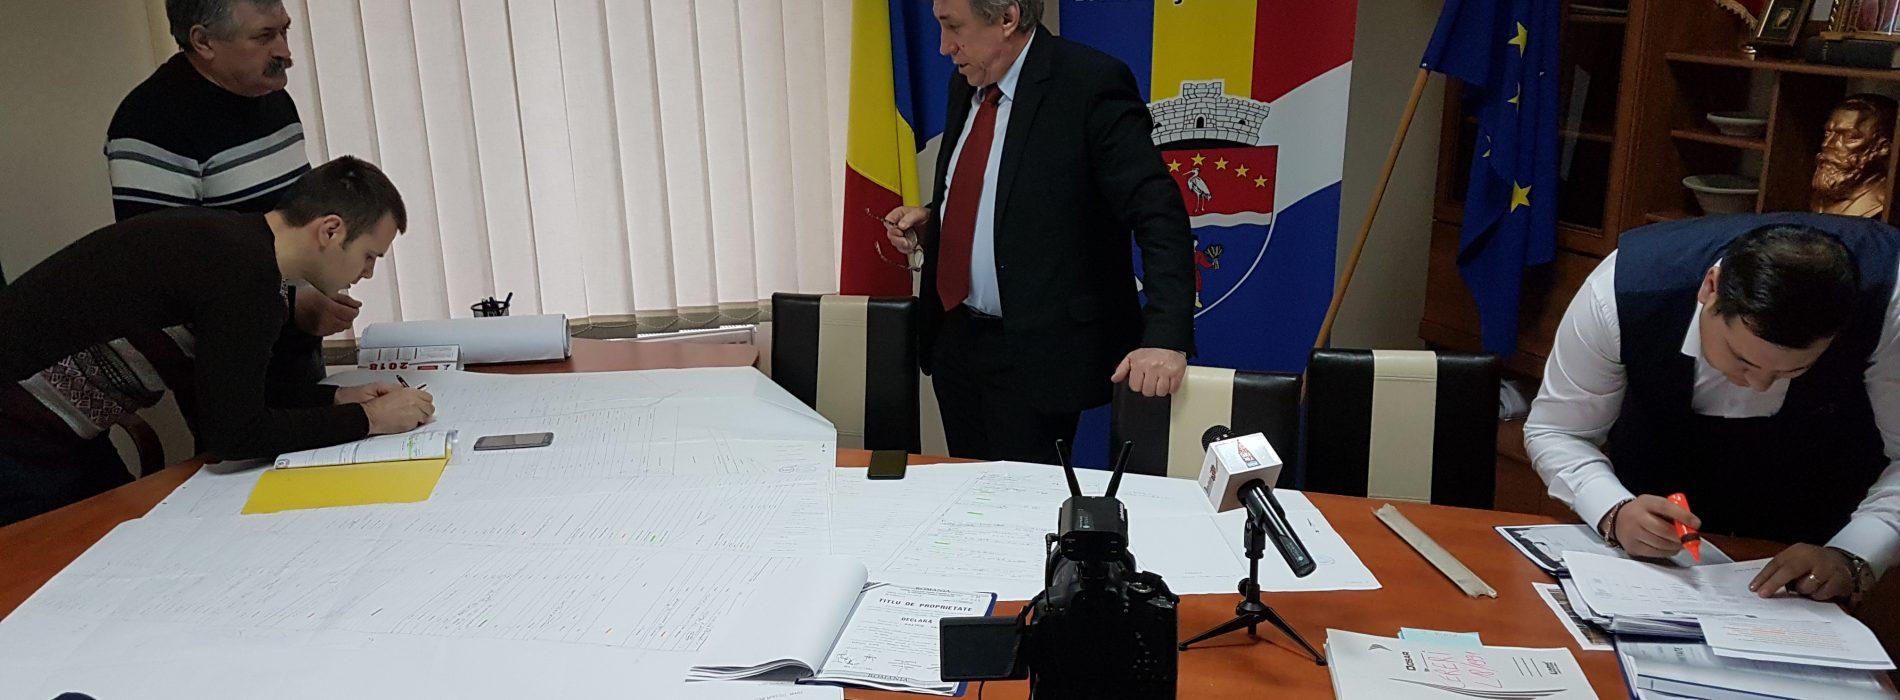 """VIDEO. S.O.S. IOAN MATIEȘ: """"UNDE SE TERMINĂ LOGICA ÎNCEPE LEGEA NR. 7"""""""